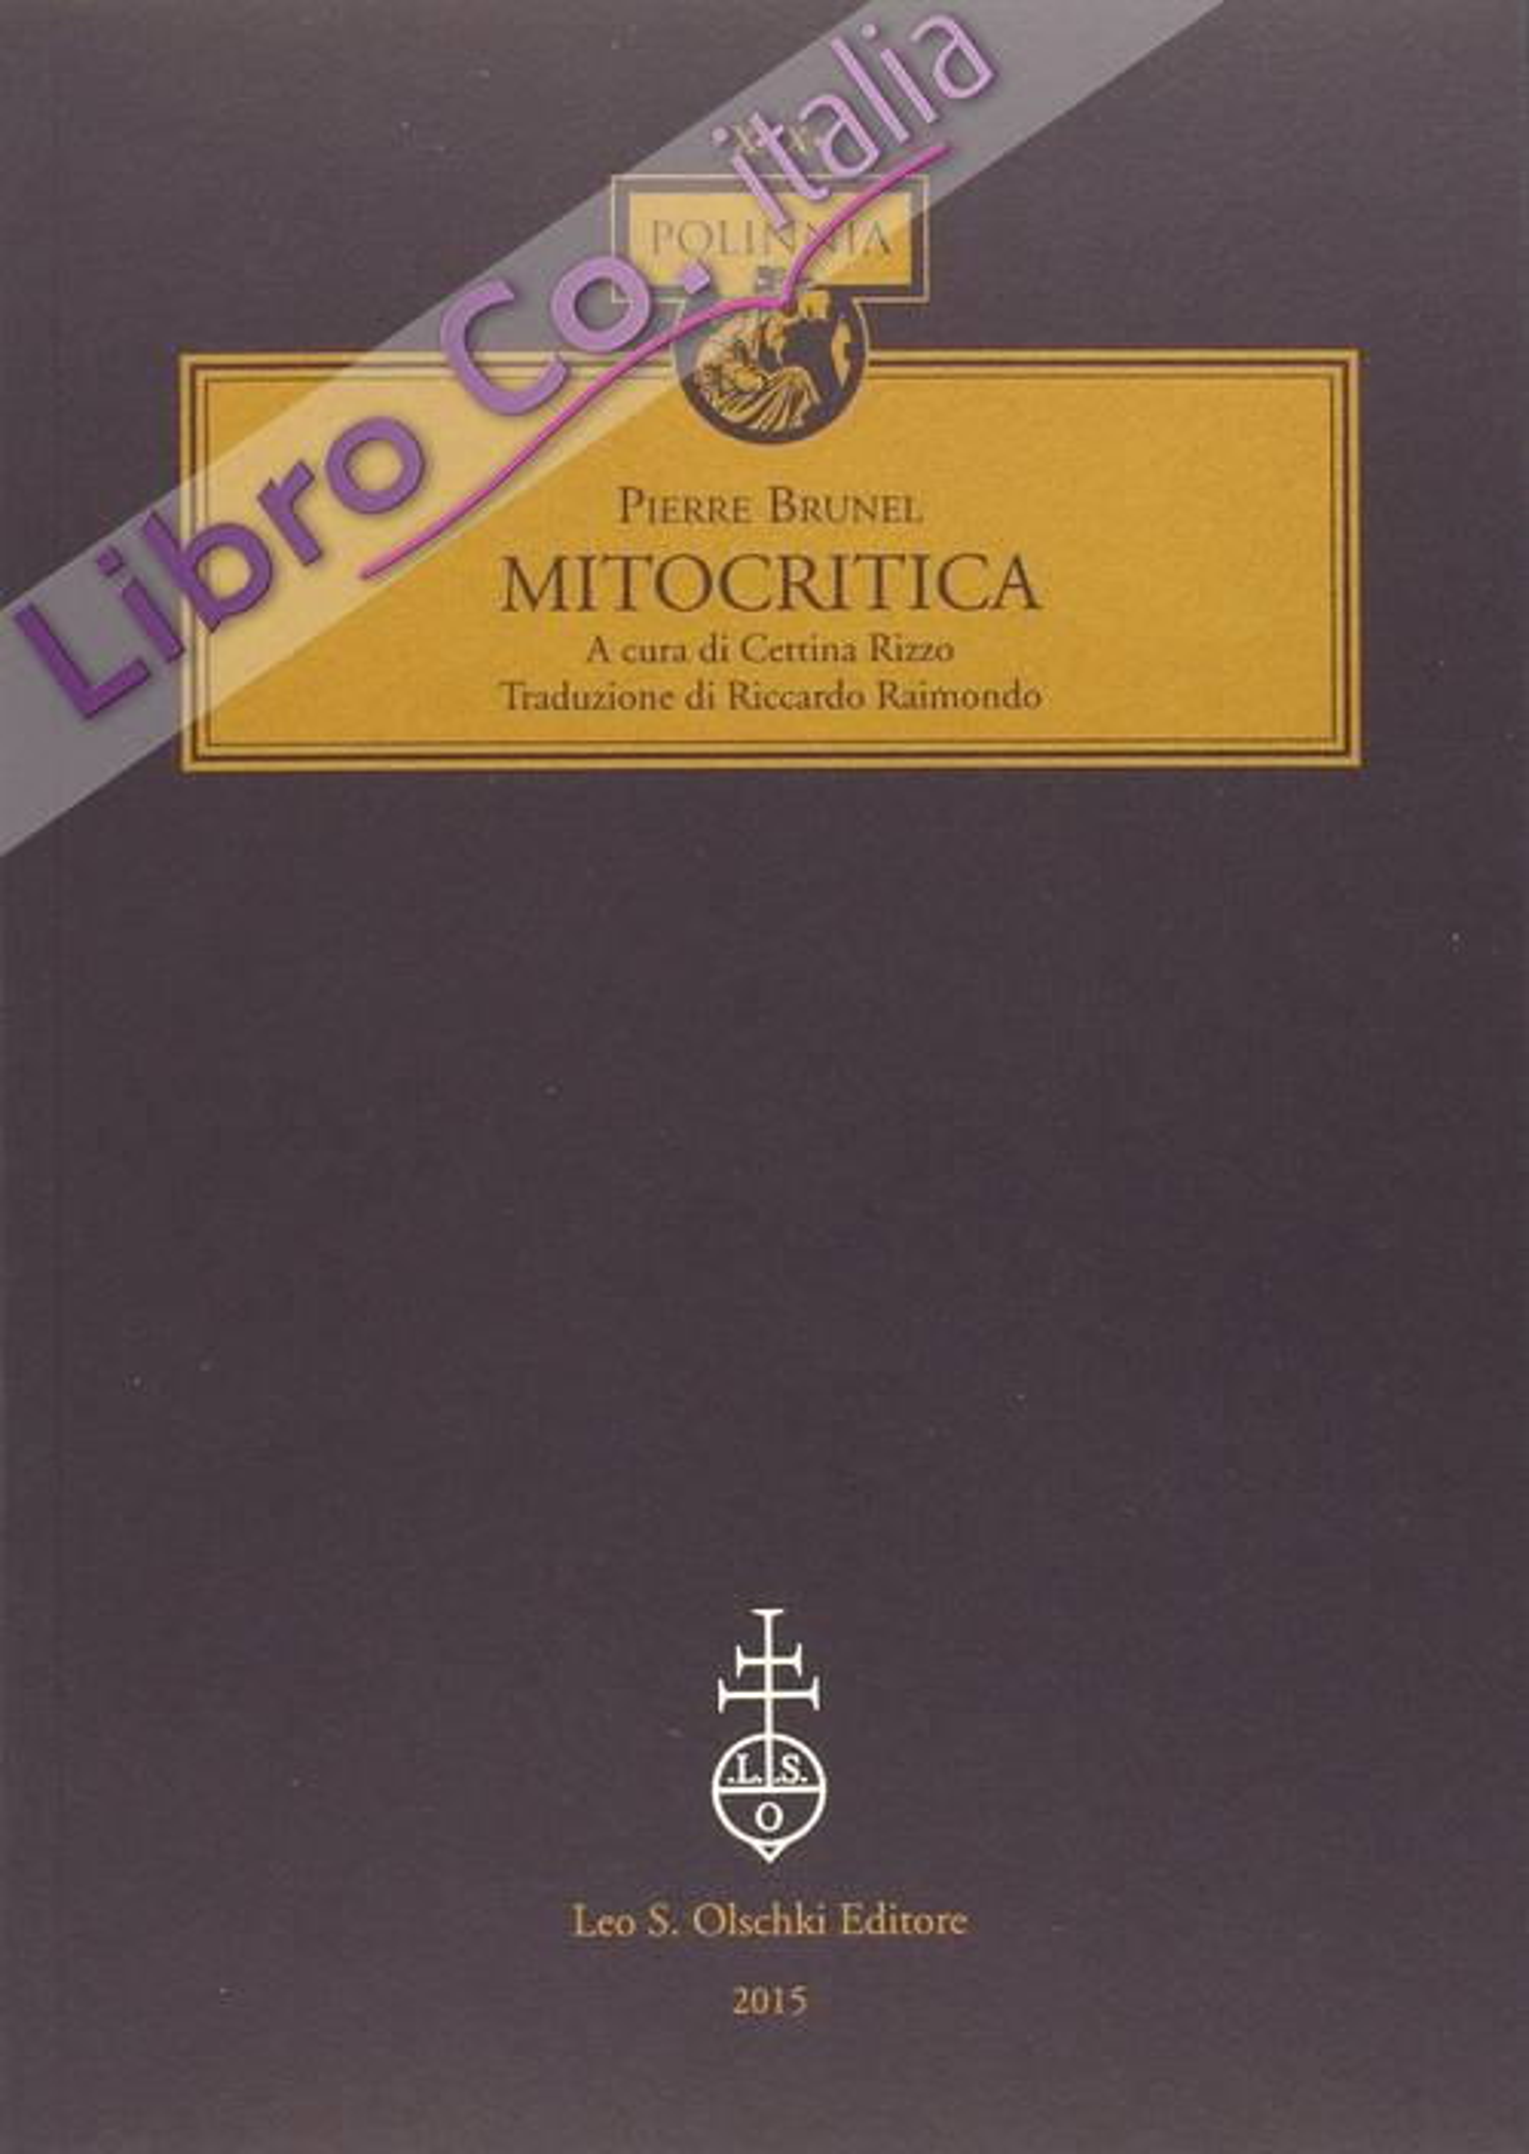 Mitocritica.